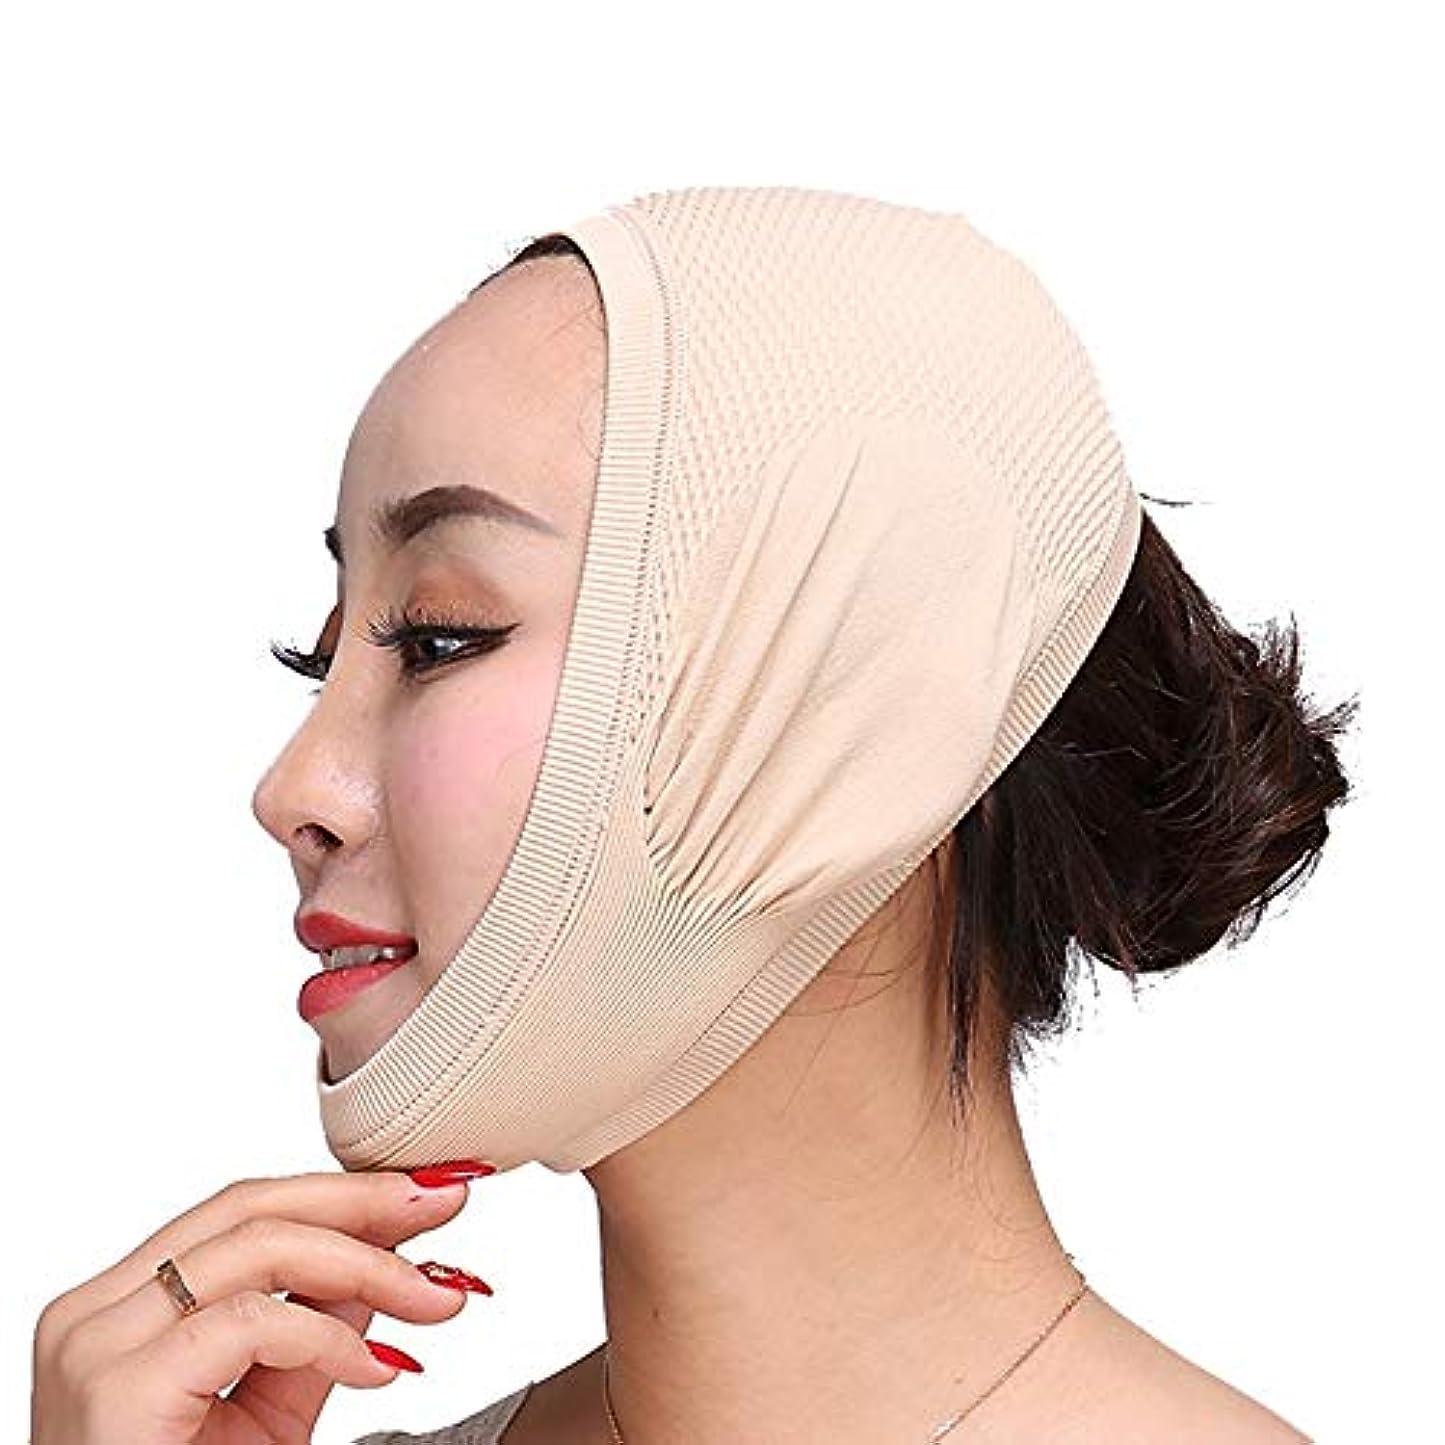 休戦ワームペック薄い顔ベルト、スリープ包帯防止ひげルーピングリフティングファーミング顔の皮膚ダブルチンリデューサー薄い顔ステッカーVフェイスマスク (Color : A)